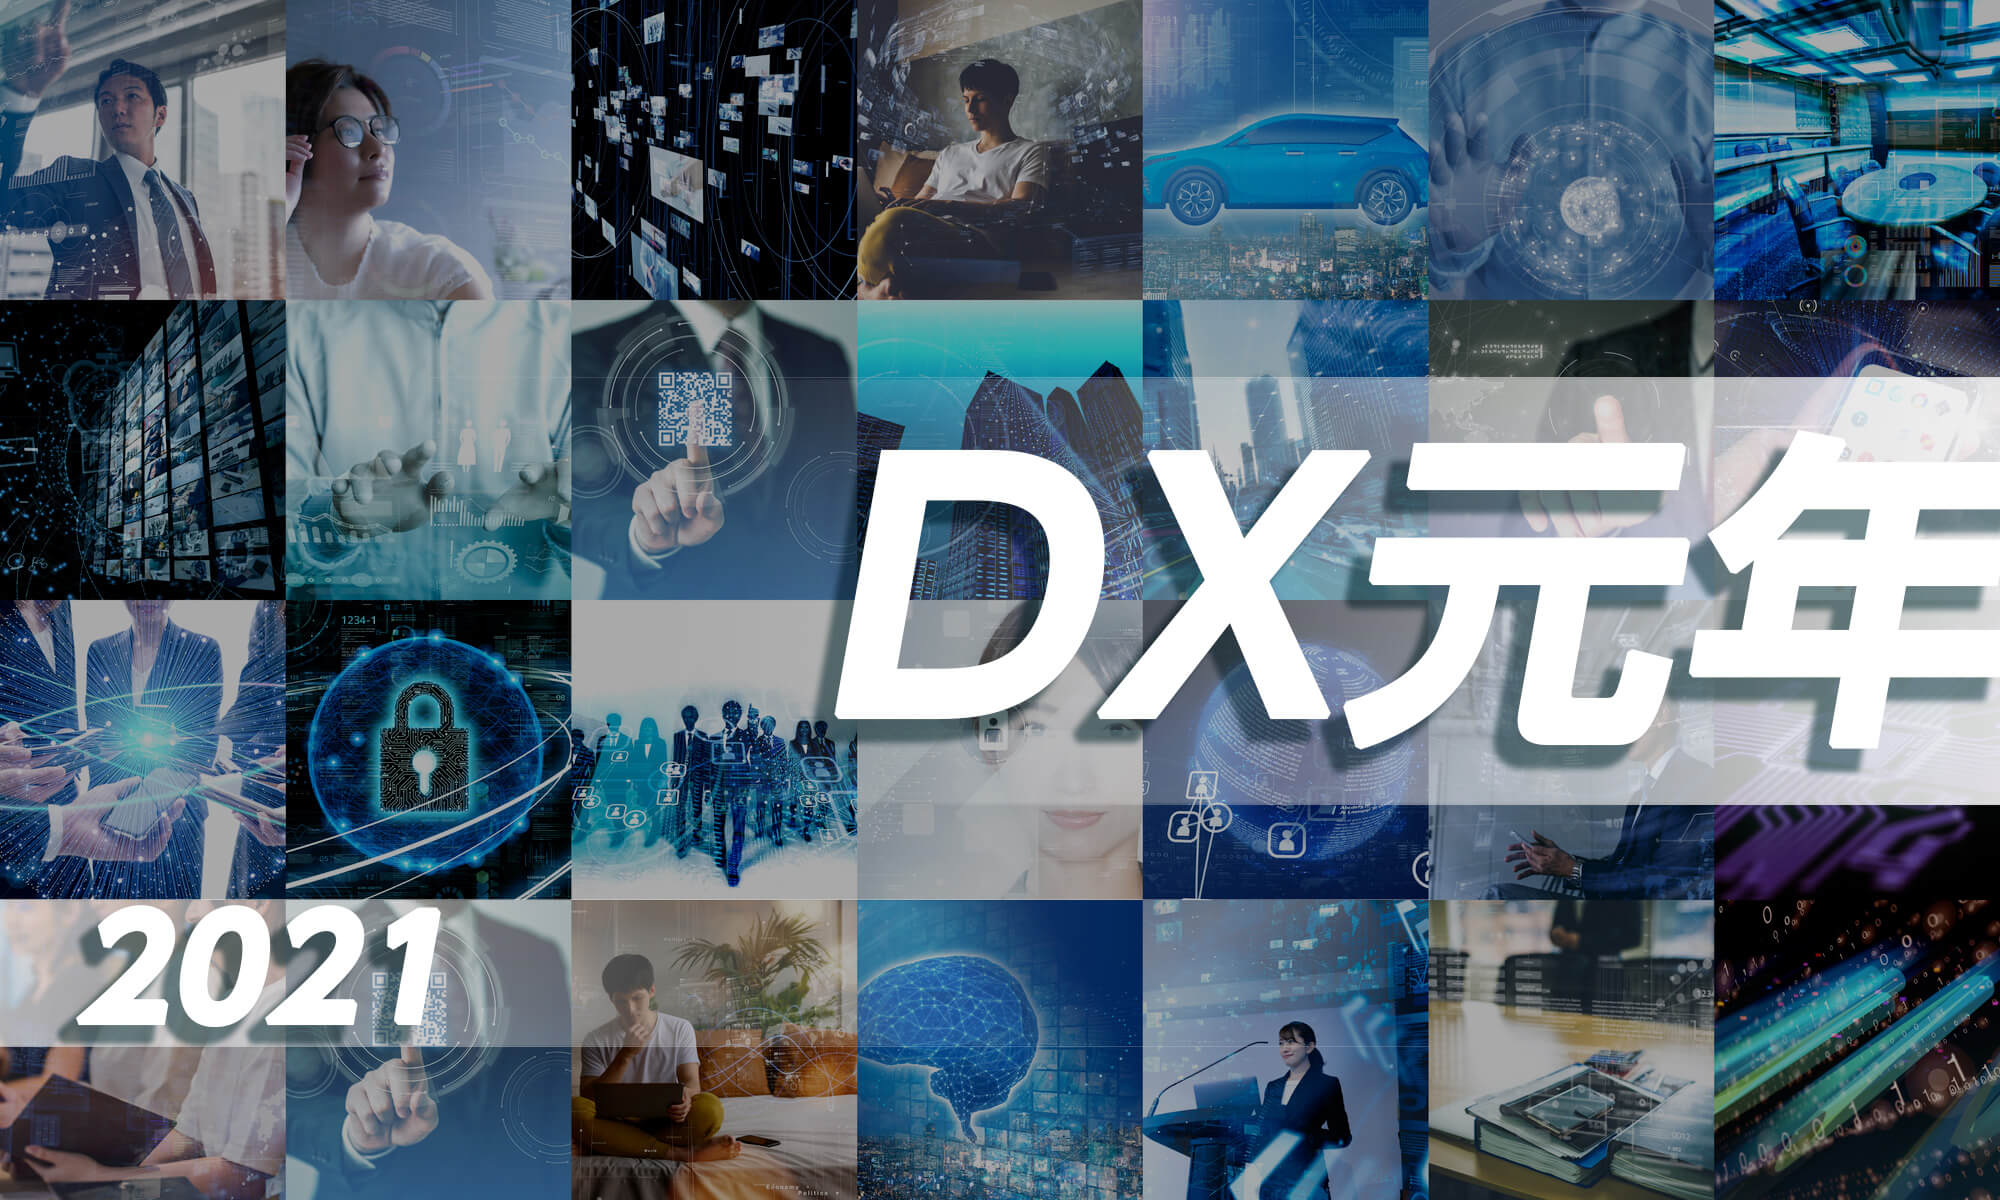 銘柄 dx